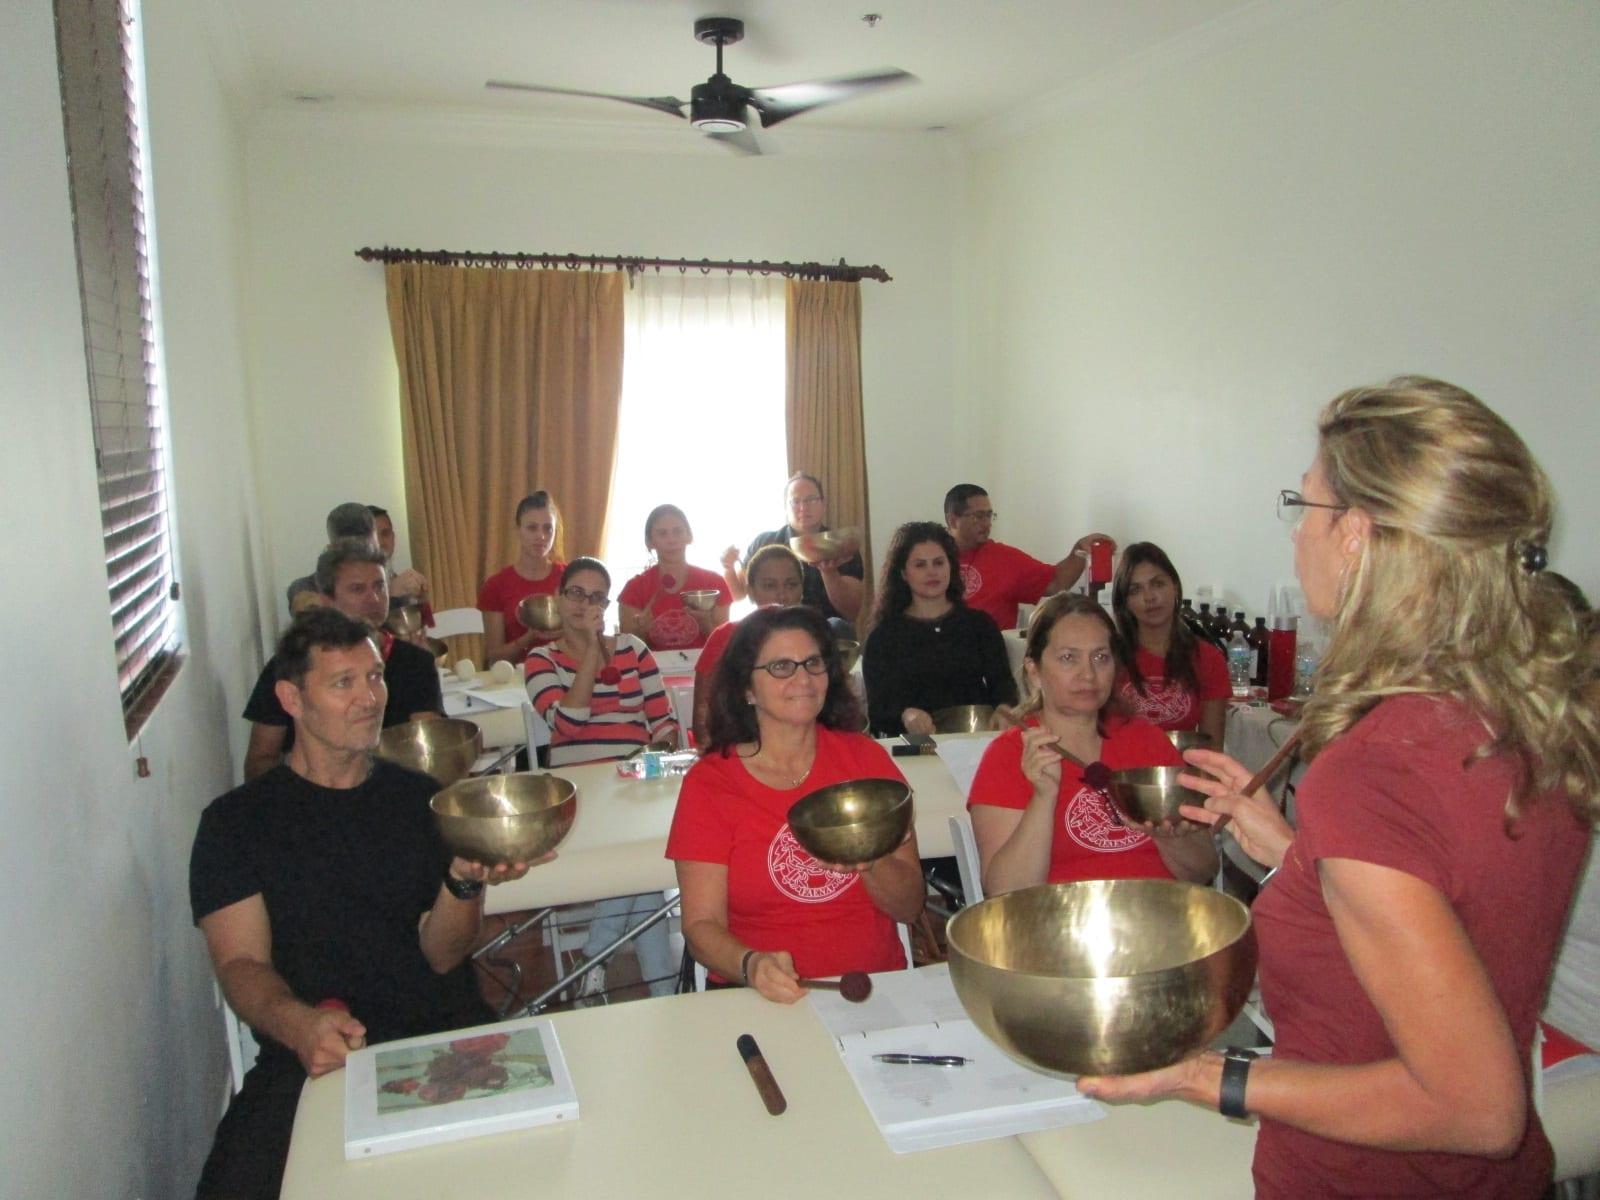 With Tibetan Singing Bowls